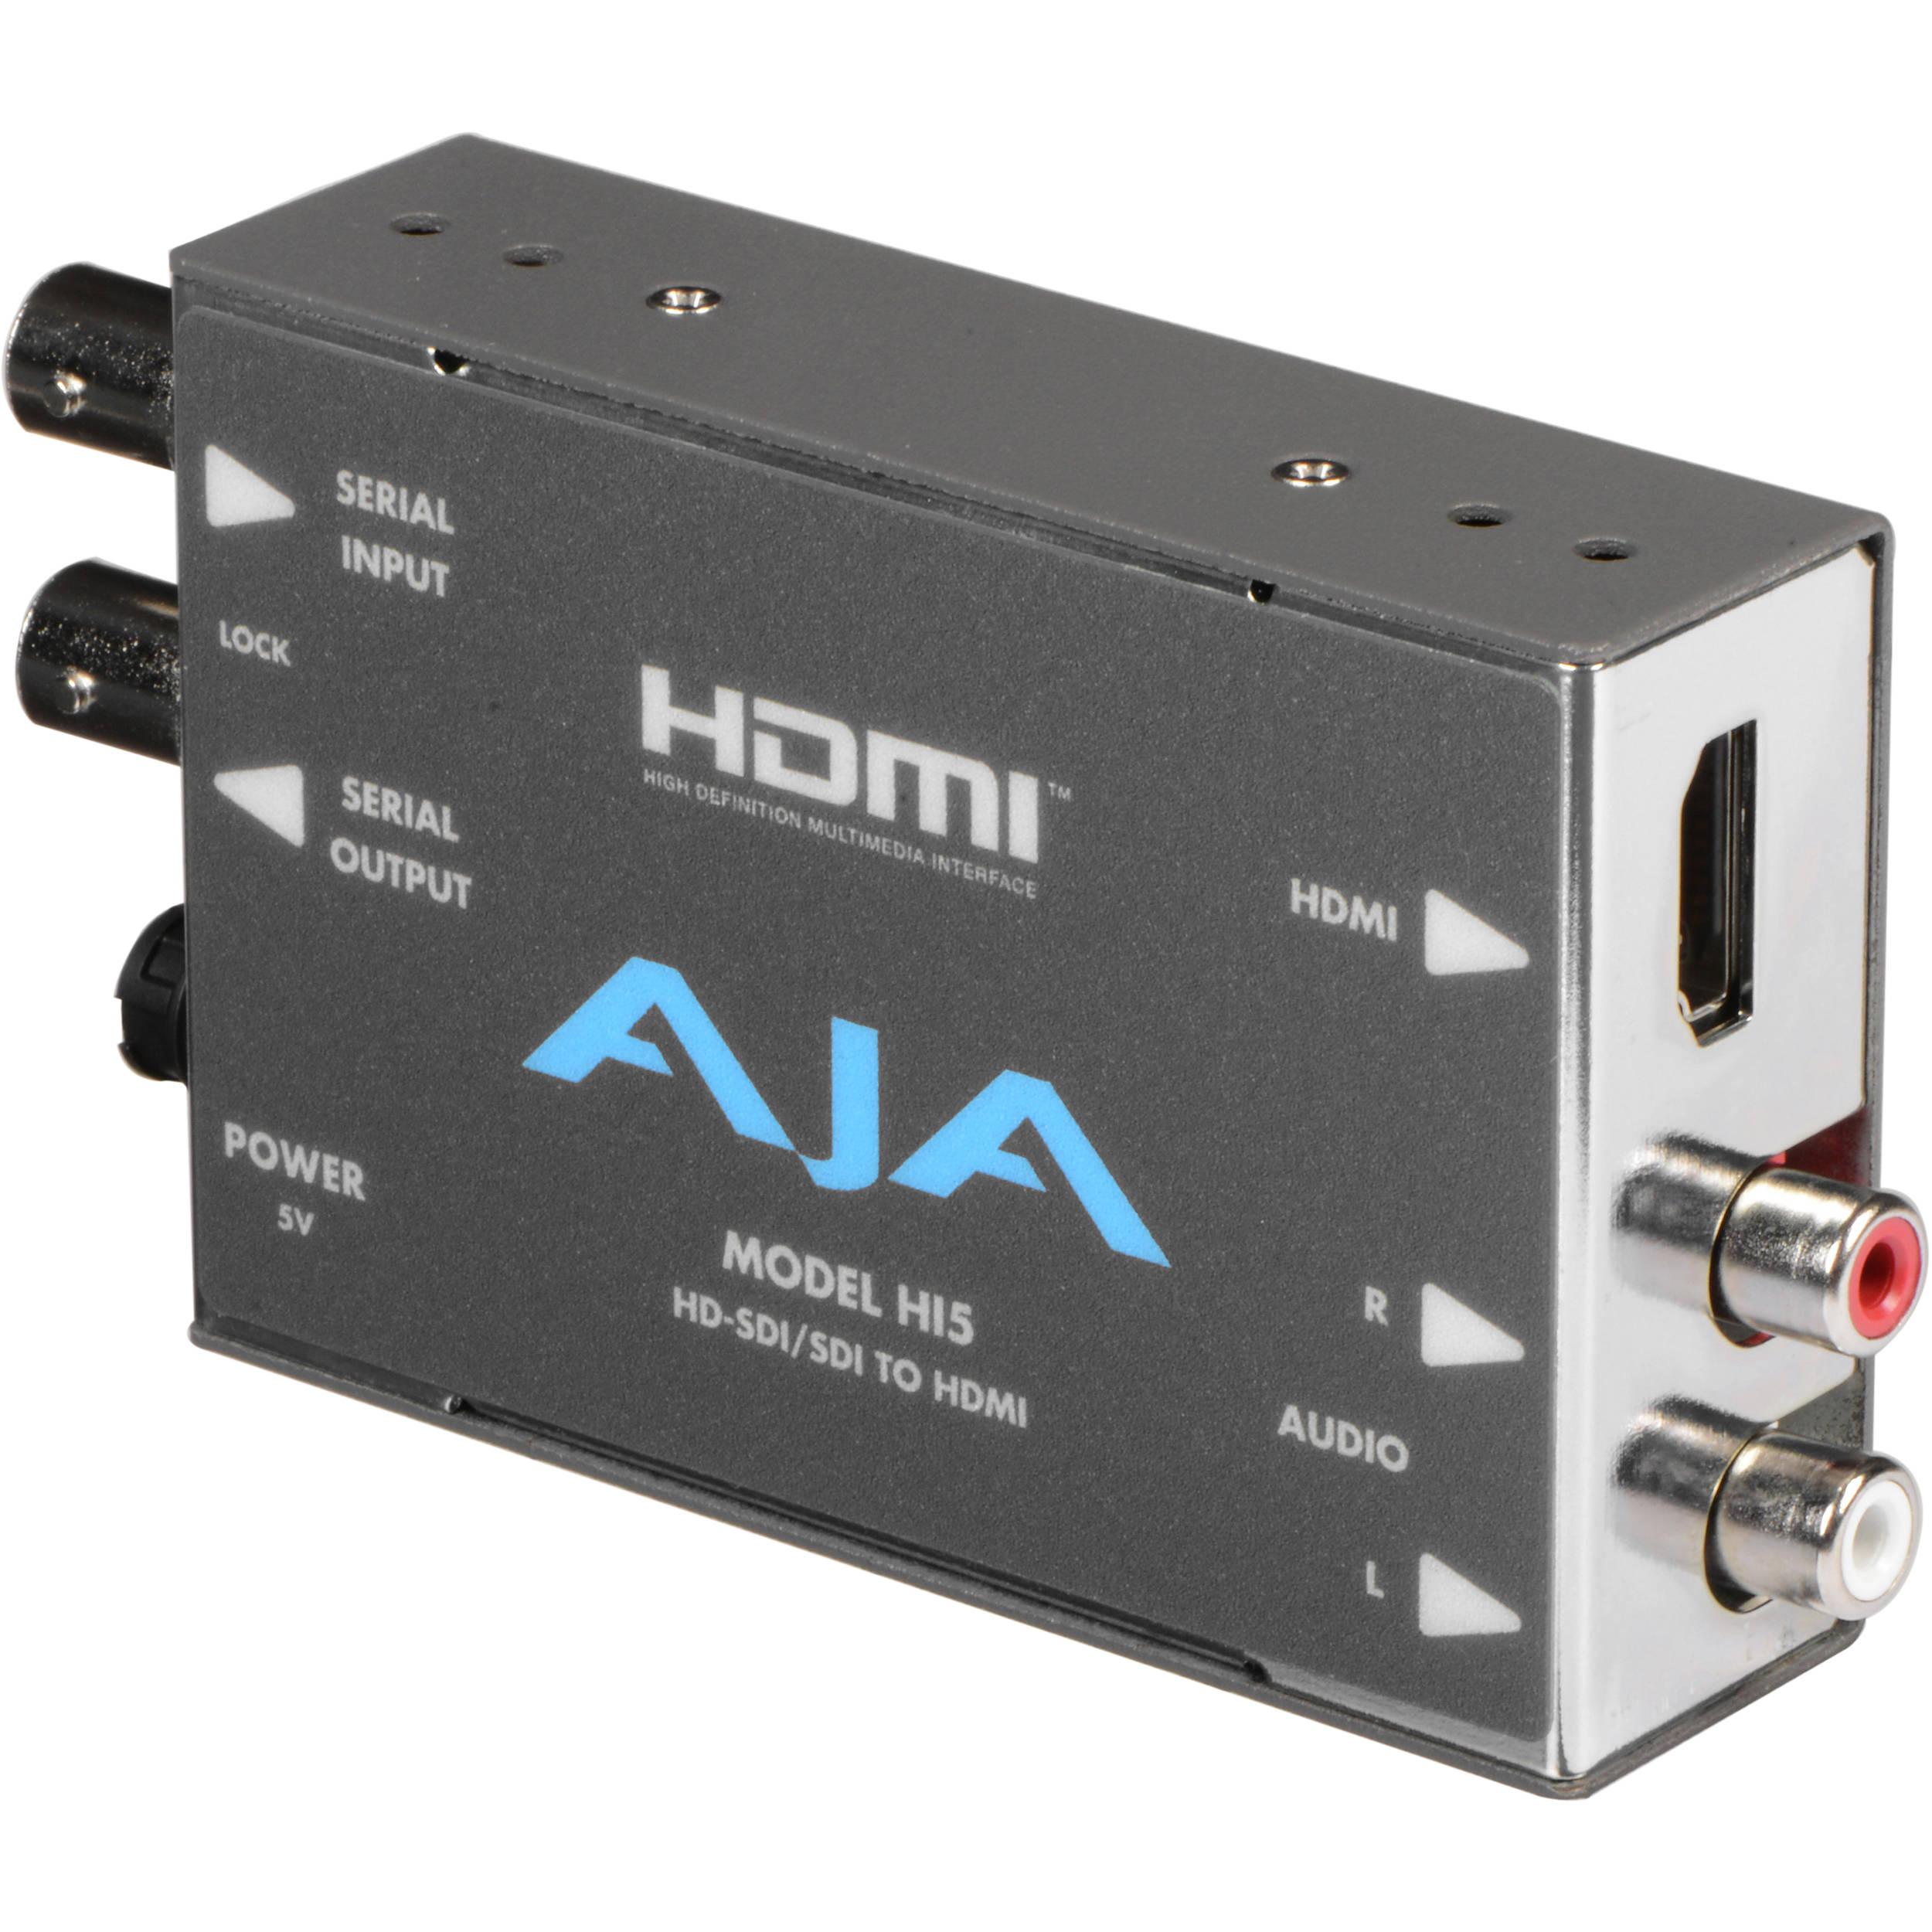 AJA Hi5 HD-SDI//SDI to HDMI Video and Audio Converter